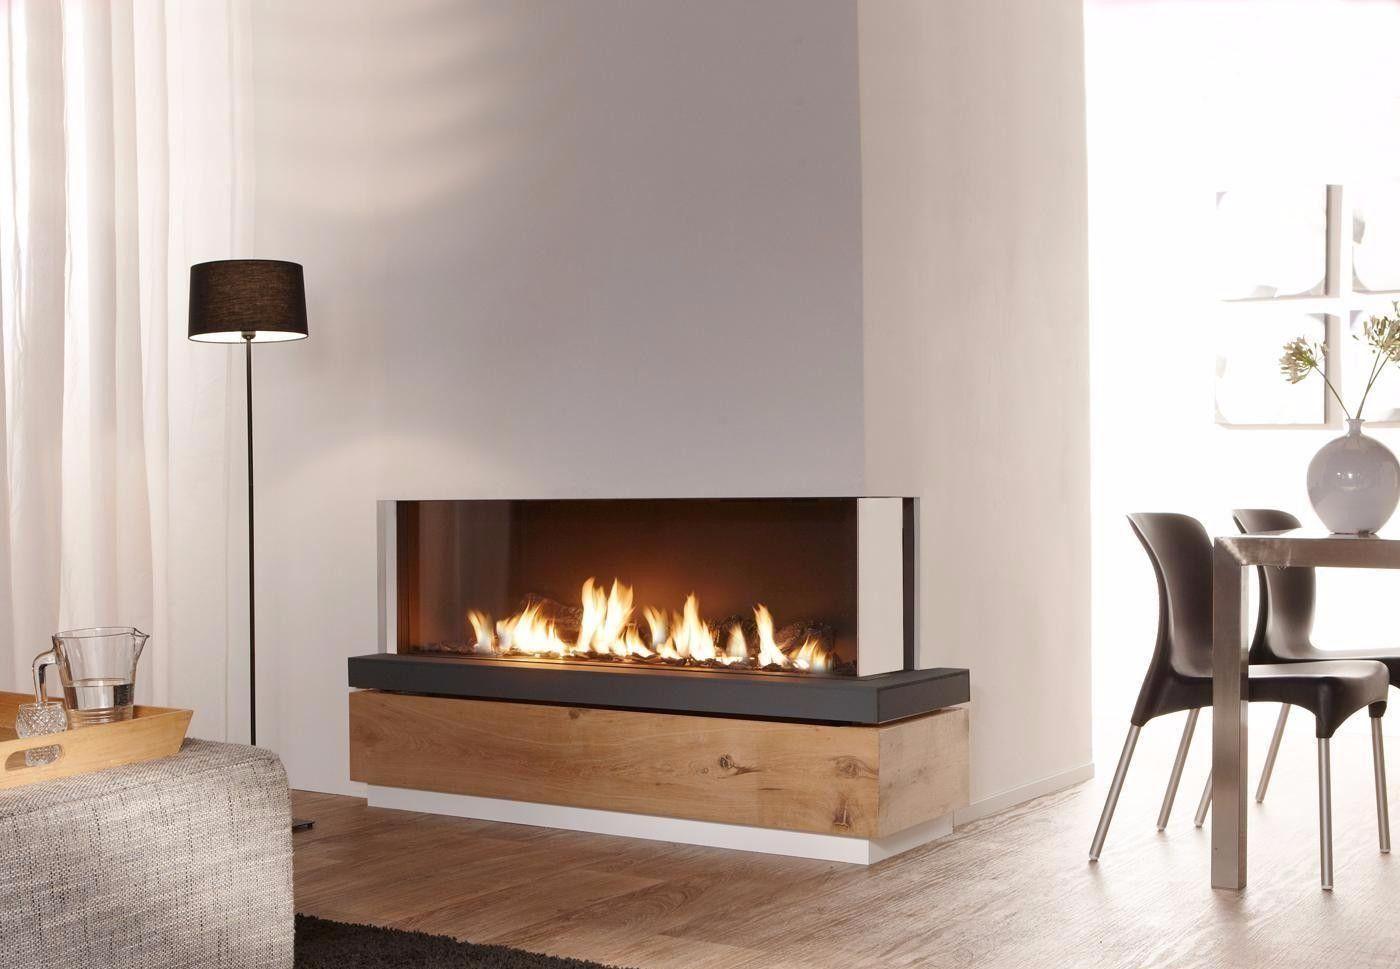 Ofen Wohnzimmer ~ Gaskamine cheminée kamin ofen living room